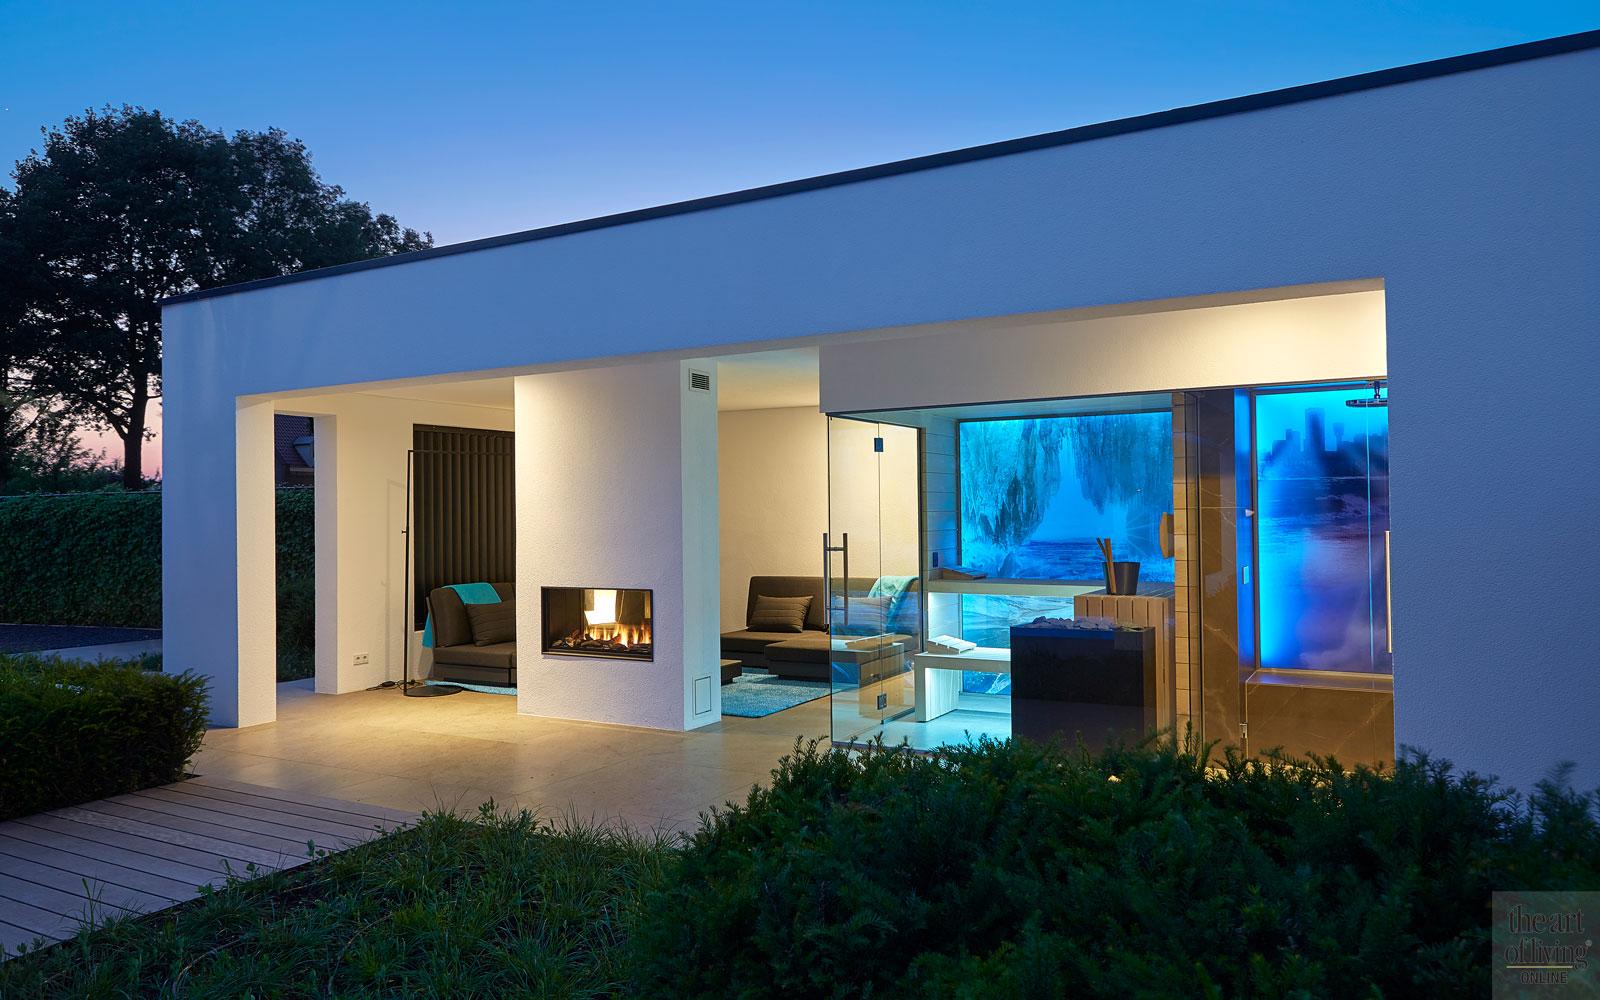 Wellness, zwembad, sauna, design, Marbella villa in Brabant, RMR Interieurbouw, The Art of Living